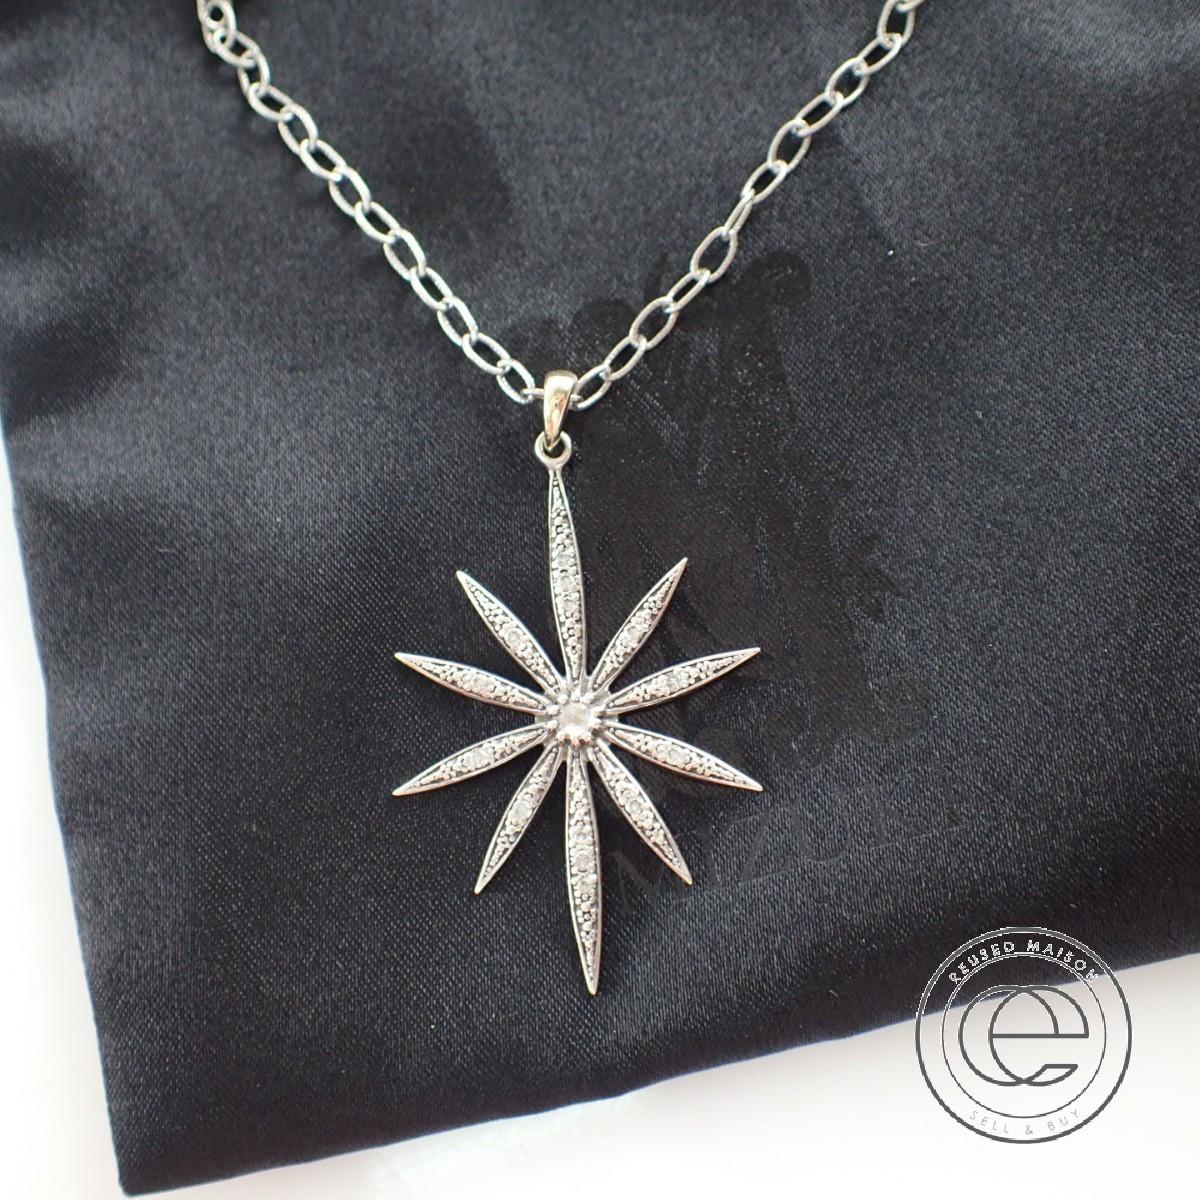 即決◆MIZUKIミズキ K14&925 ダイヤモンド Icicle Flower アイシクルフラワーネックレス シルバー/イエローゴールド レディース